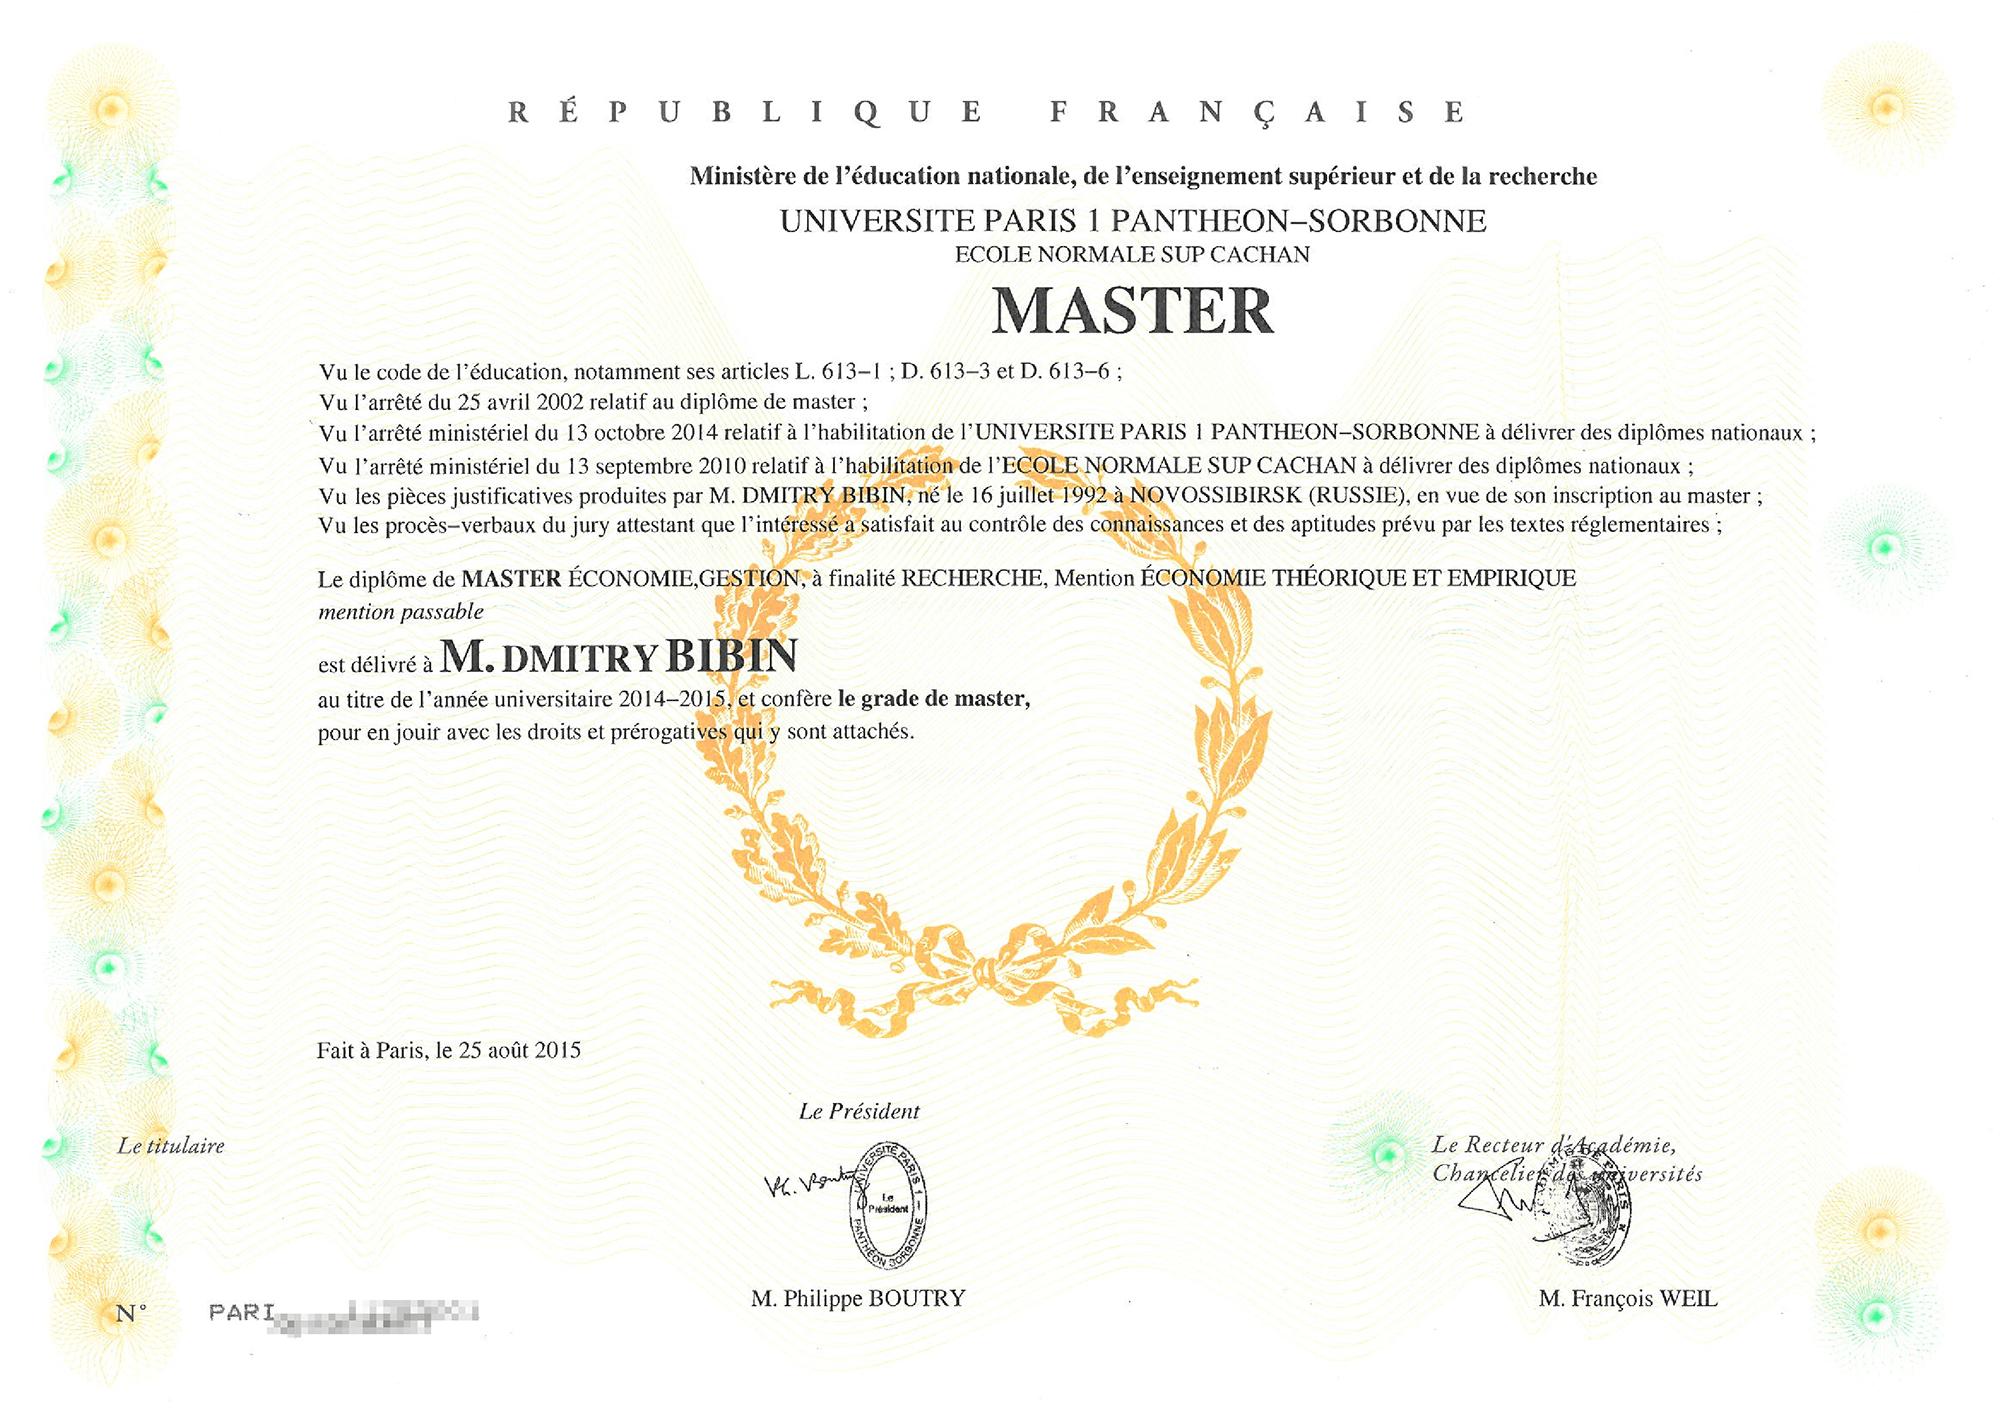 Мой диплом университета Париж 1 Пантеон-Сорбонна